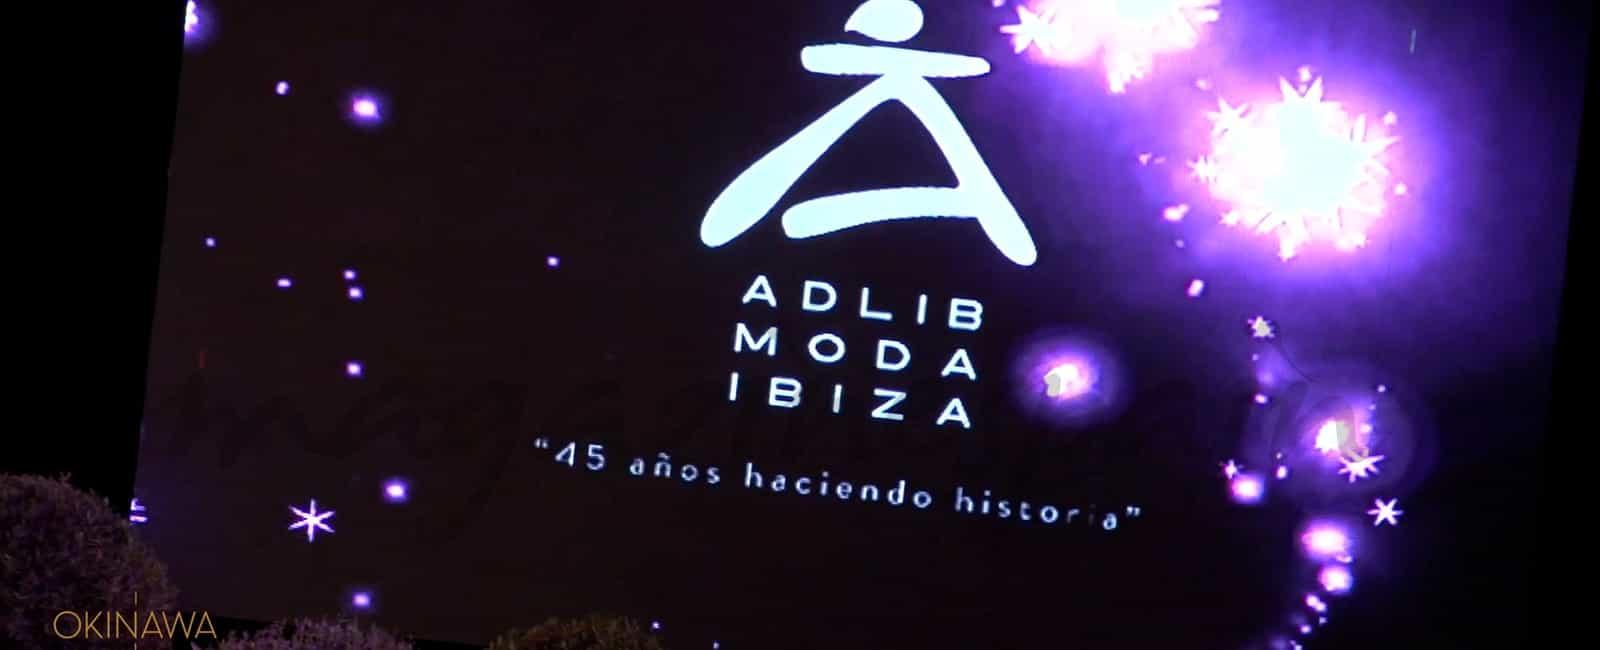 Fran Larrañaga en la Pasarela ADLIB Ibiza 2016